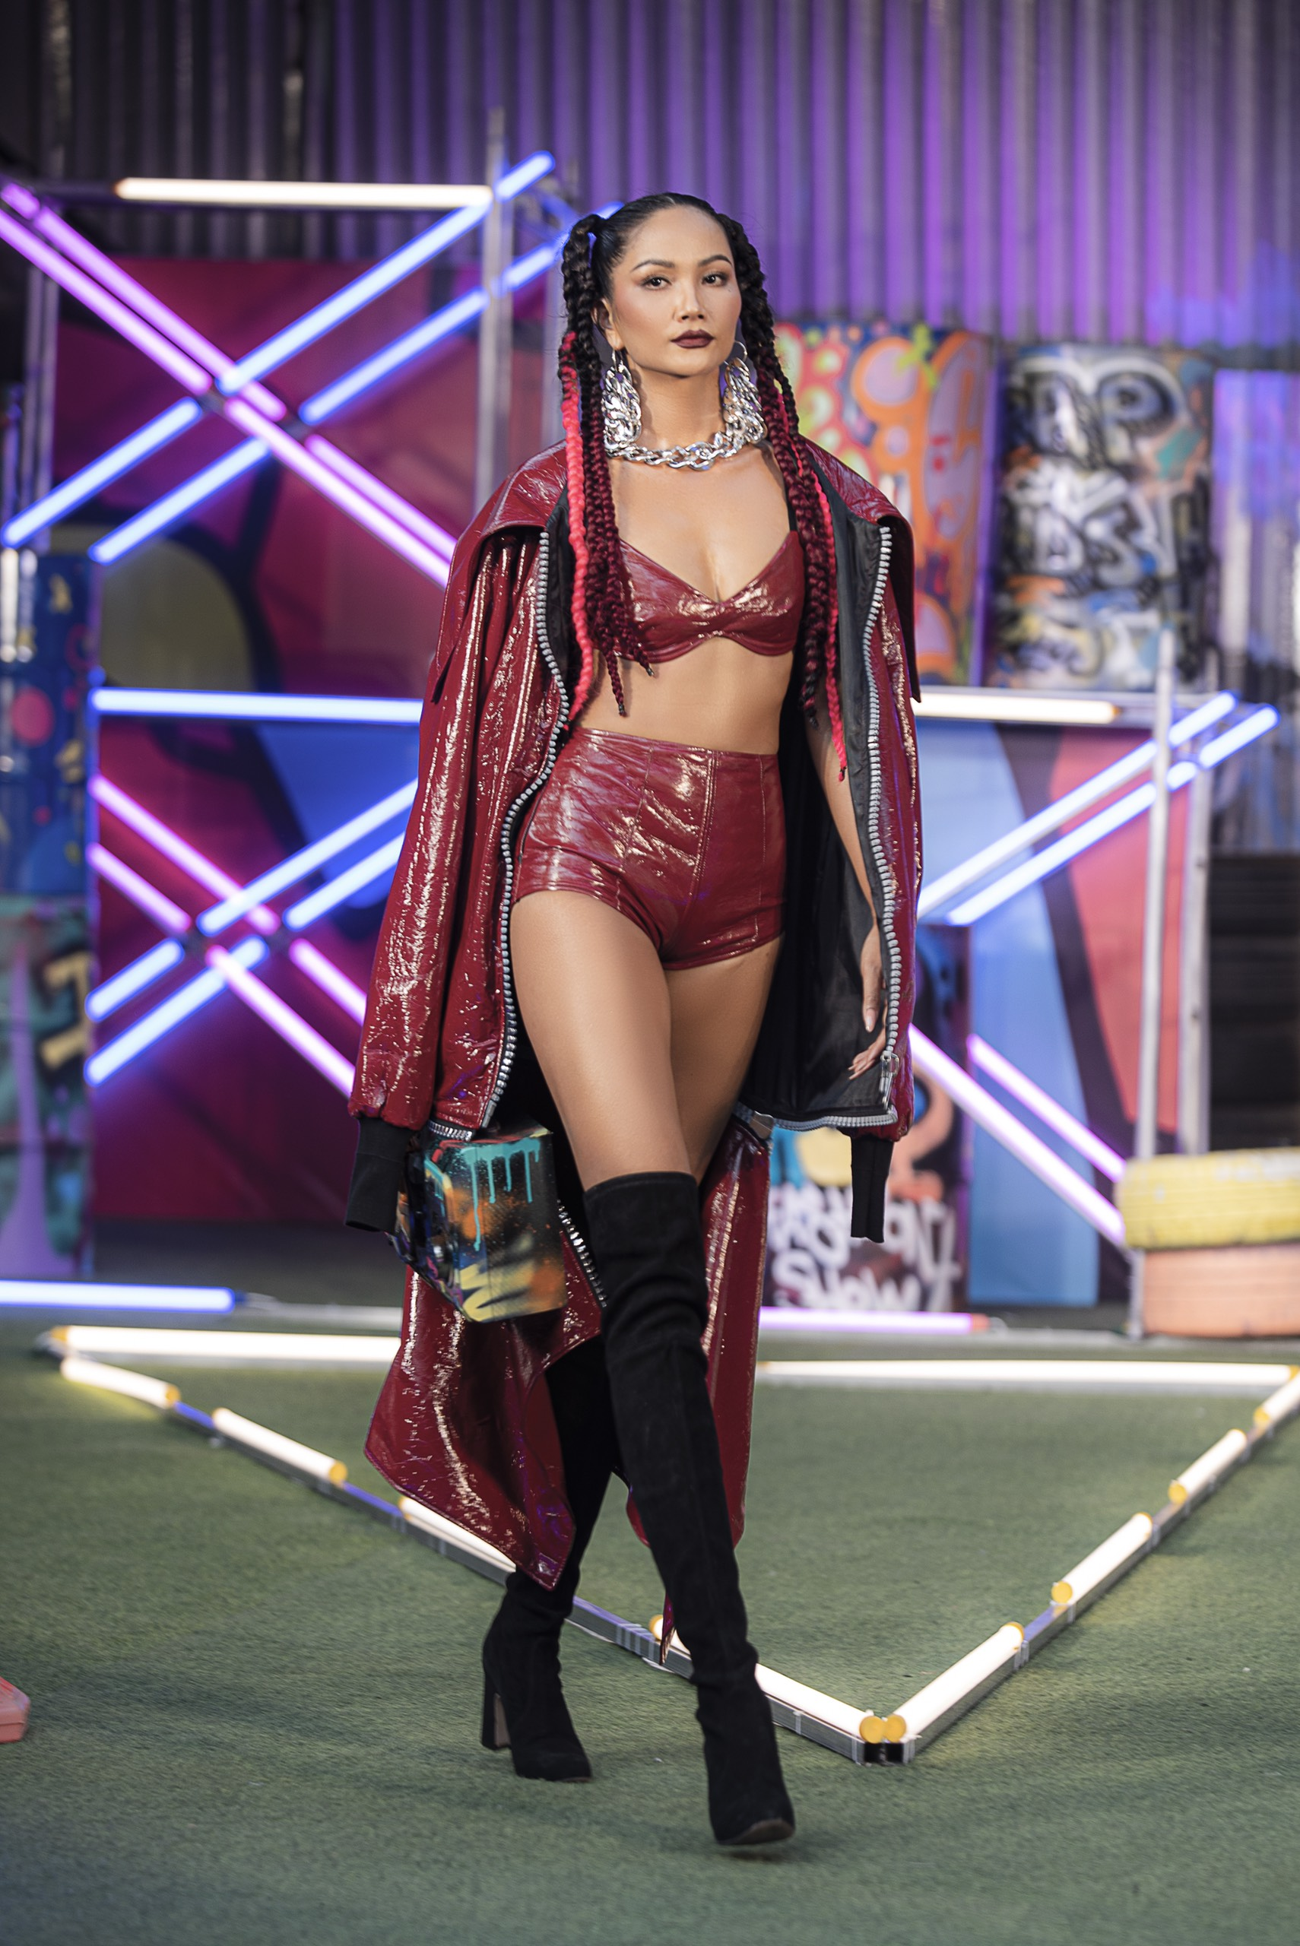 H'Hen Niê tái xuất với phong cách đường phố, mặc áo crop-top khoe hình thể nóng bỏng ảnh 6